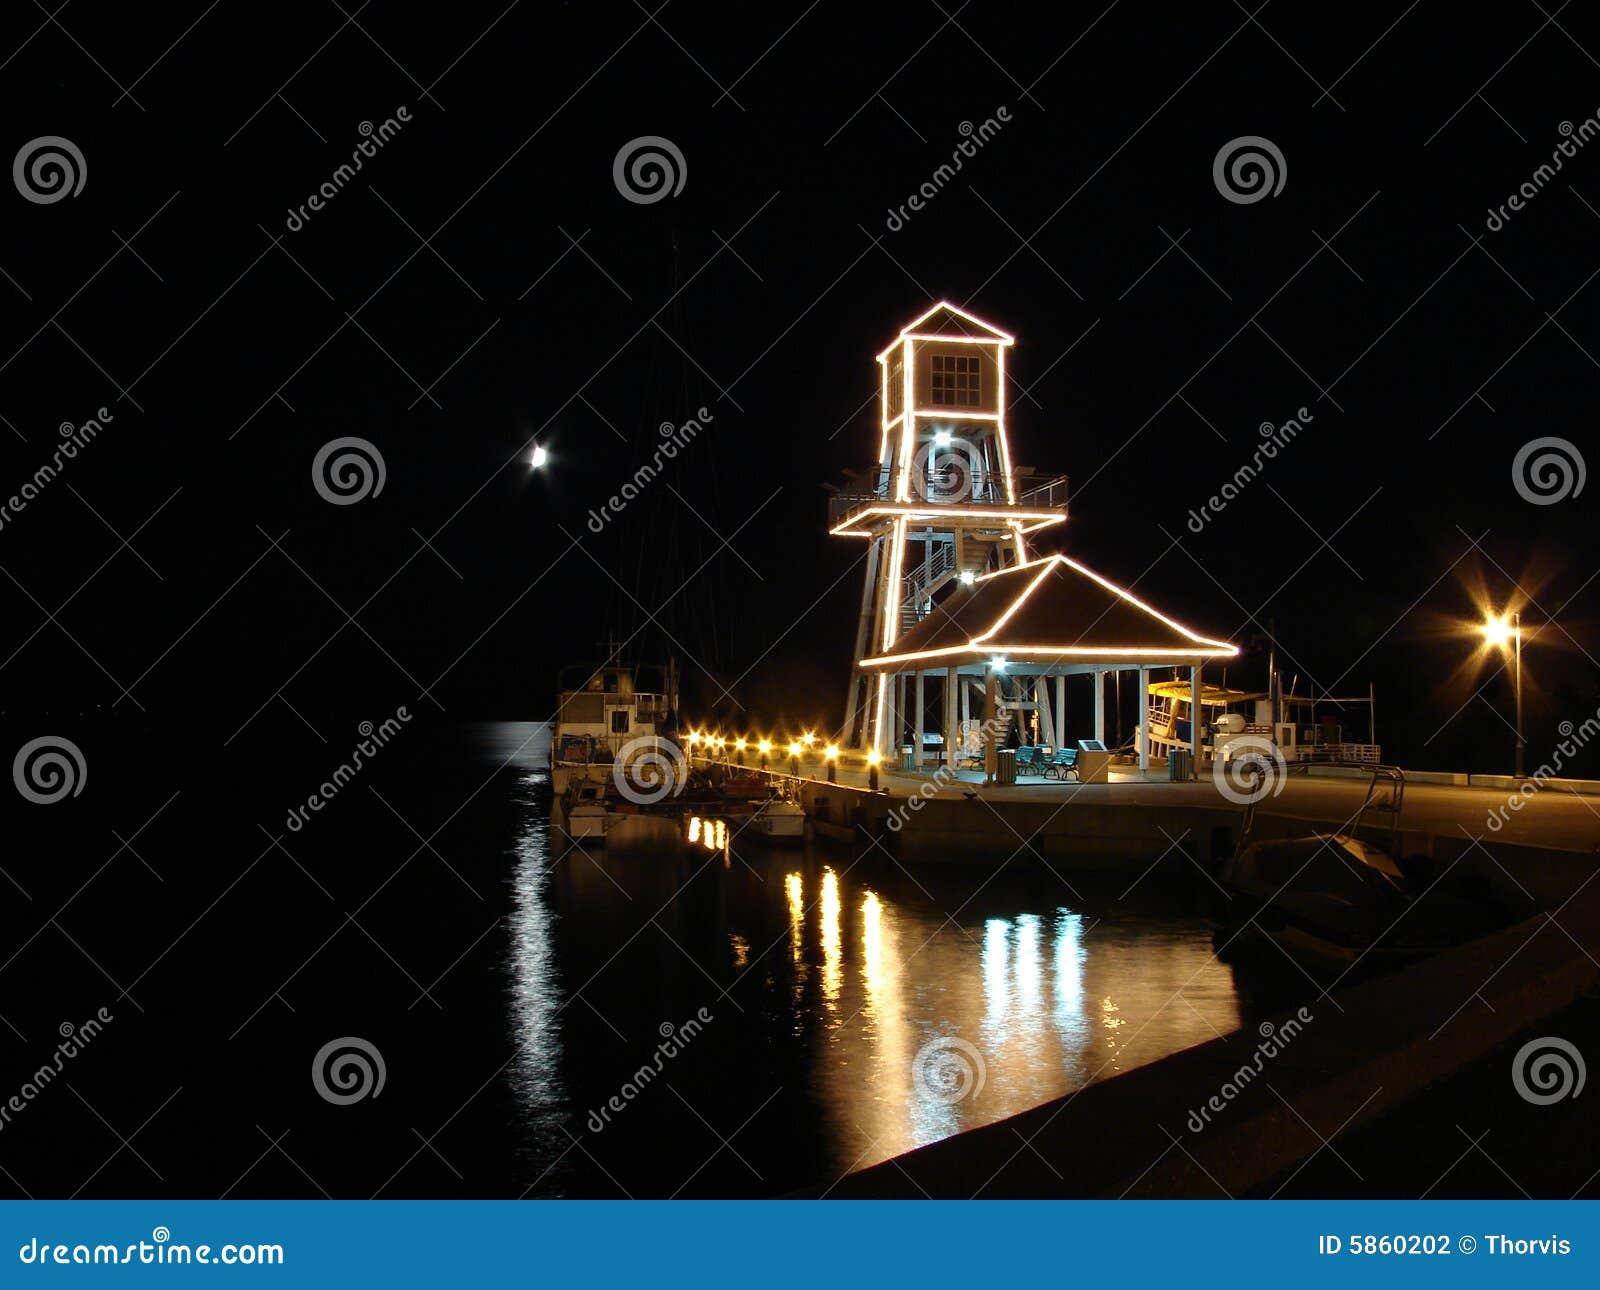 Wharf at night